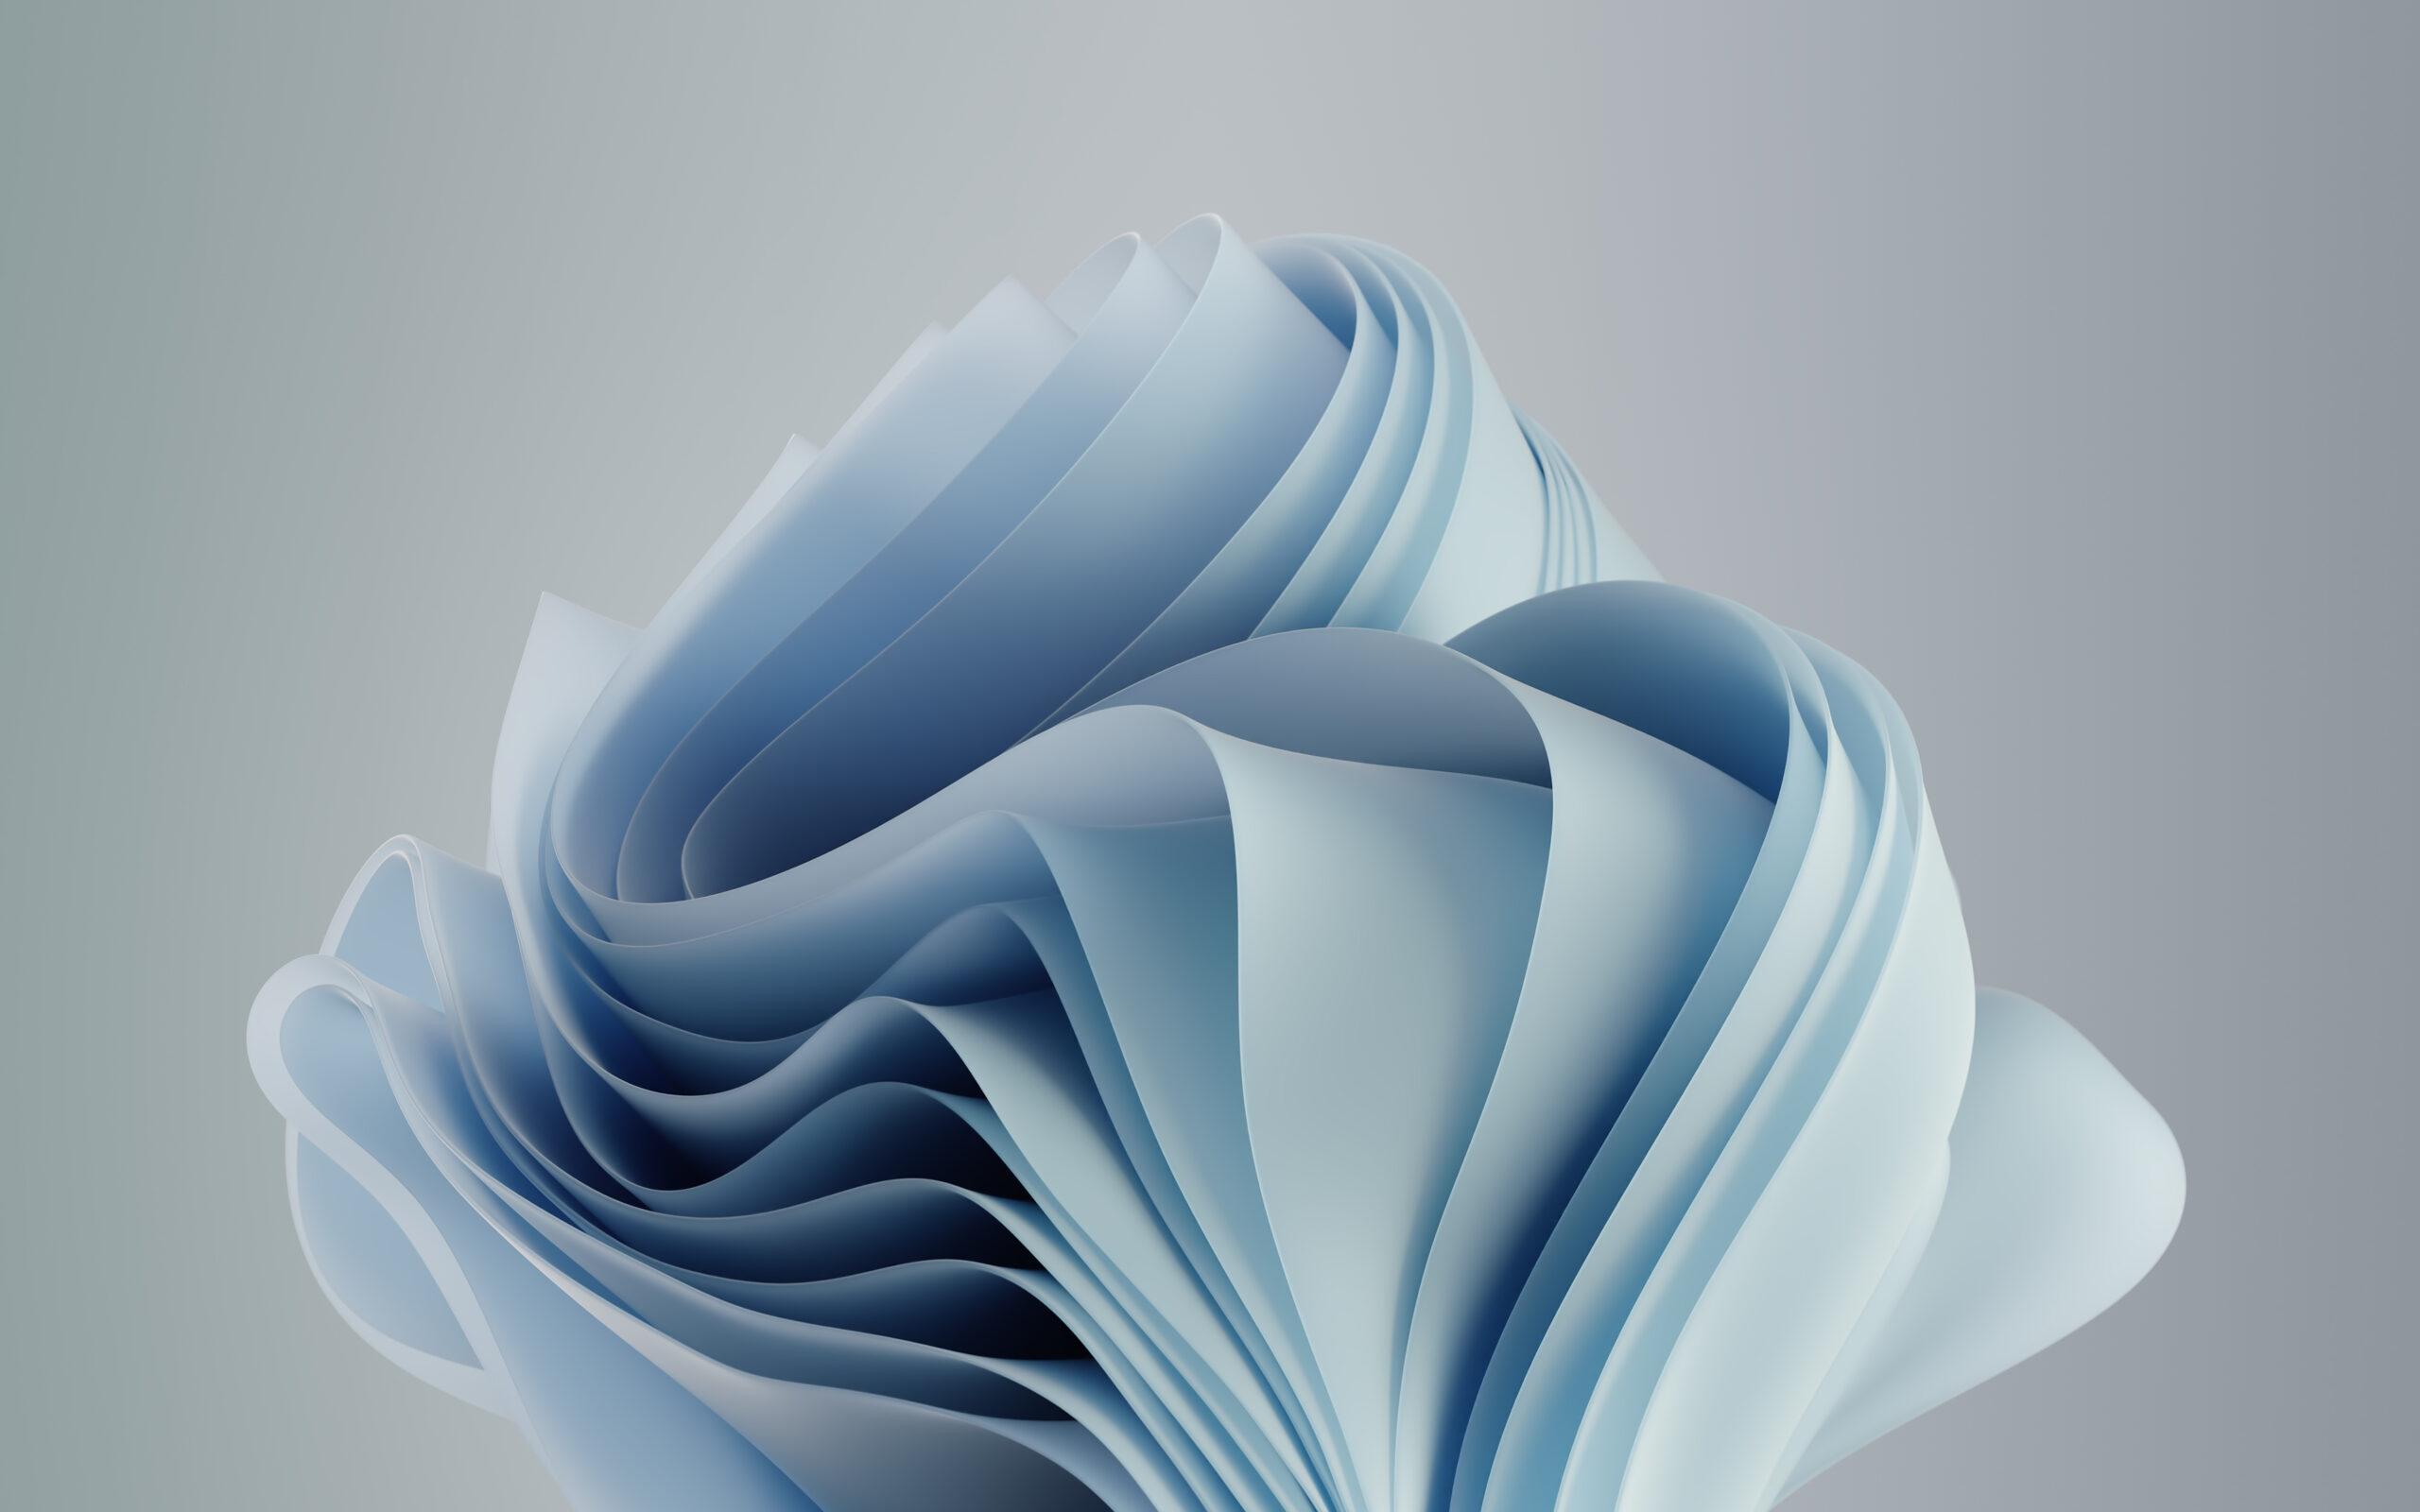 ويندوز 11 المميزات ومتطلبات التشغيل والنسخة التجريبية